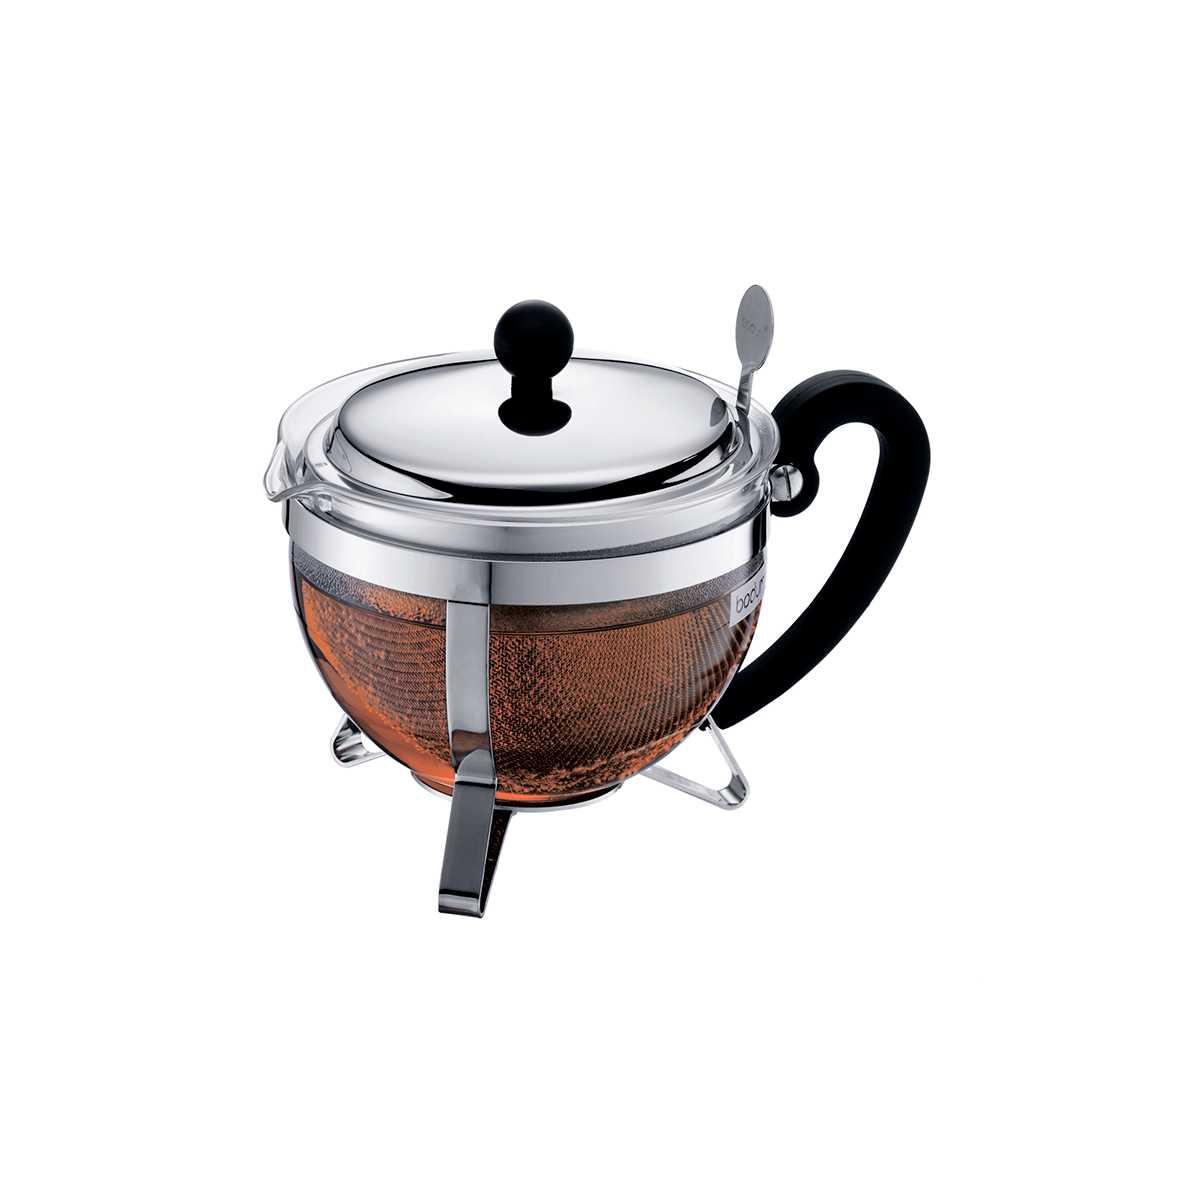 Онлайн каталог PROMENU: Чайник 1 л Bodum Chambord  (1922-16-6) Bodum 1922-16-6